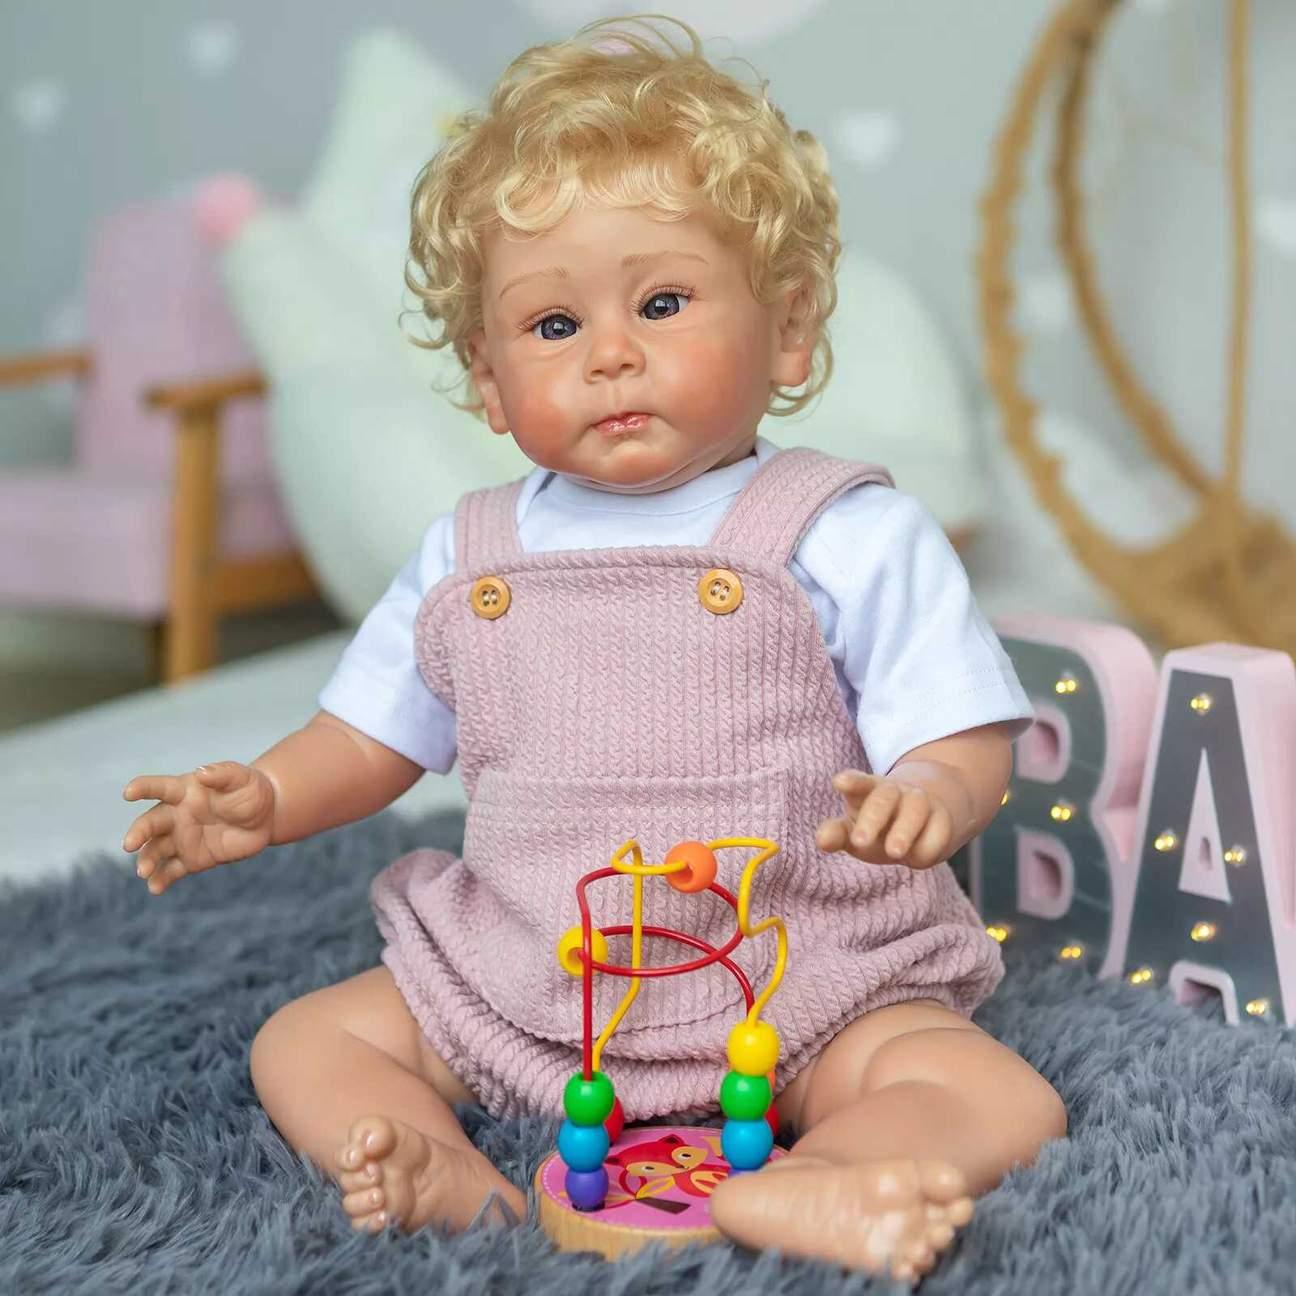 Le bébé reborn garçon Isaac a des pommettes rosées.